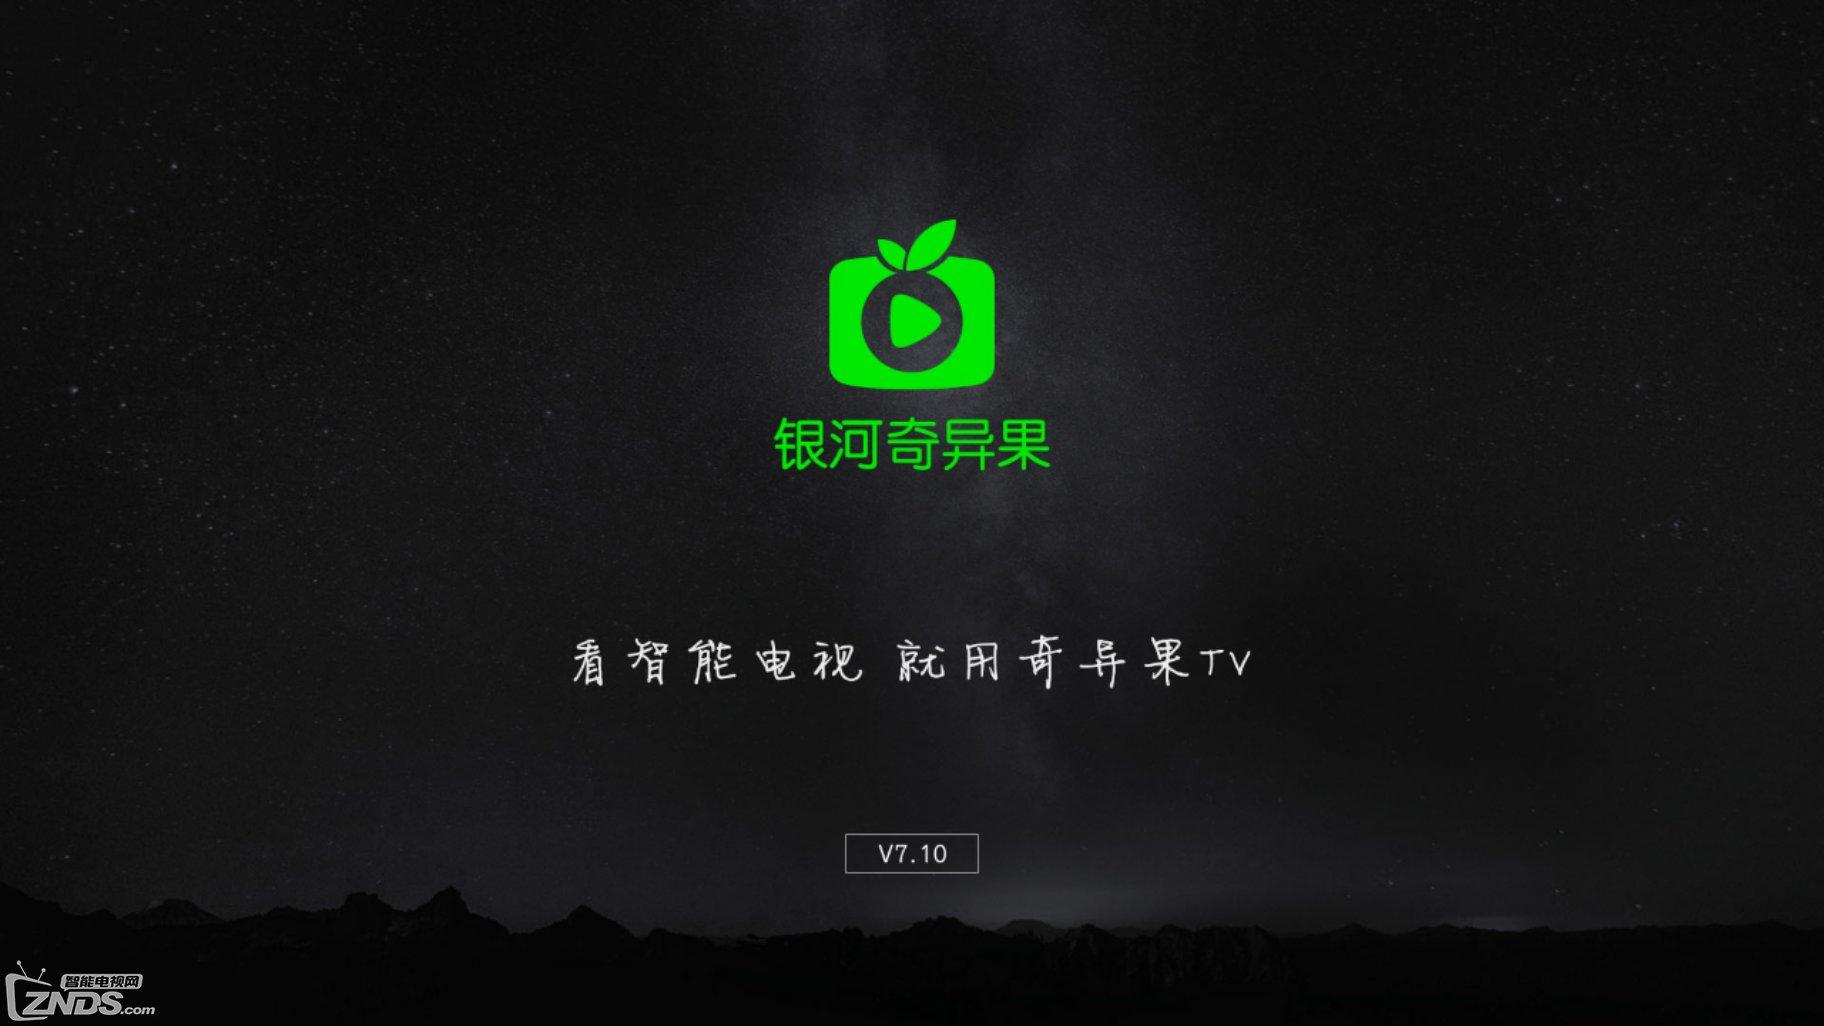 银河a是由果是由银河互联网和爱奇艺联合打造的一款视频软件,它输出一无视频图片